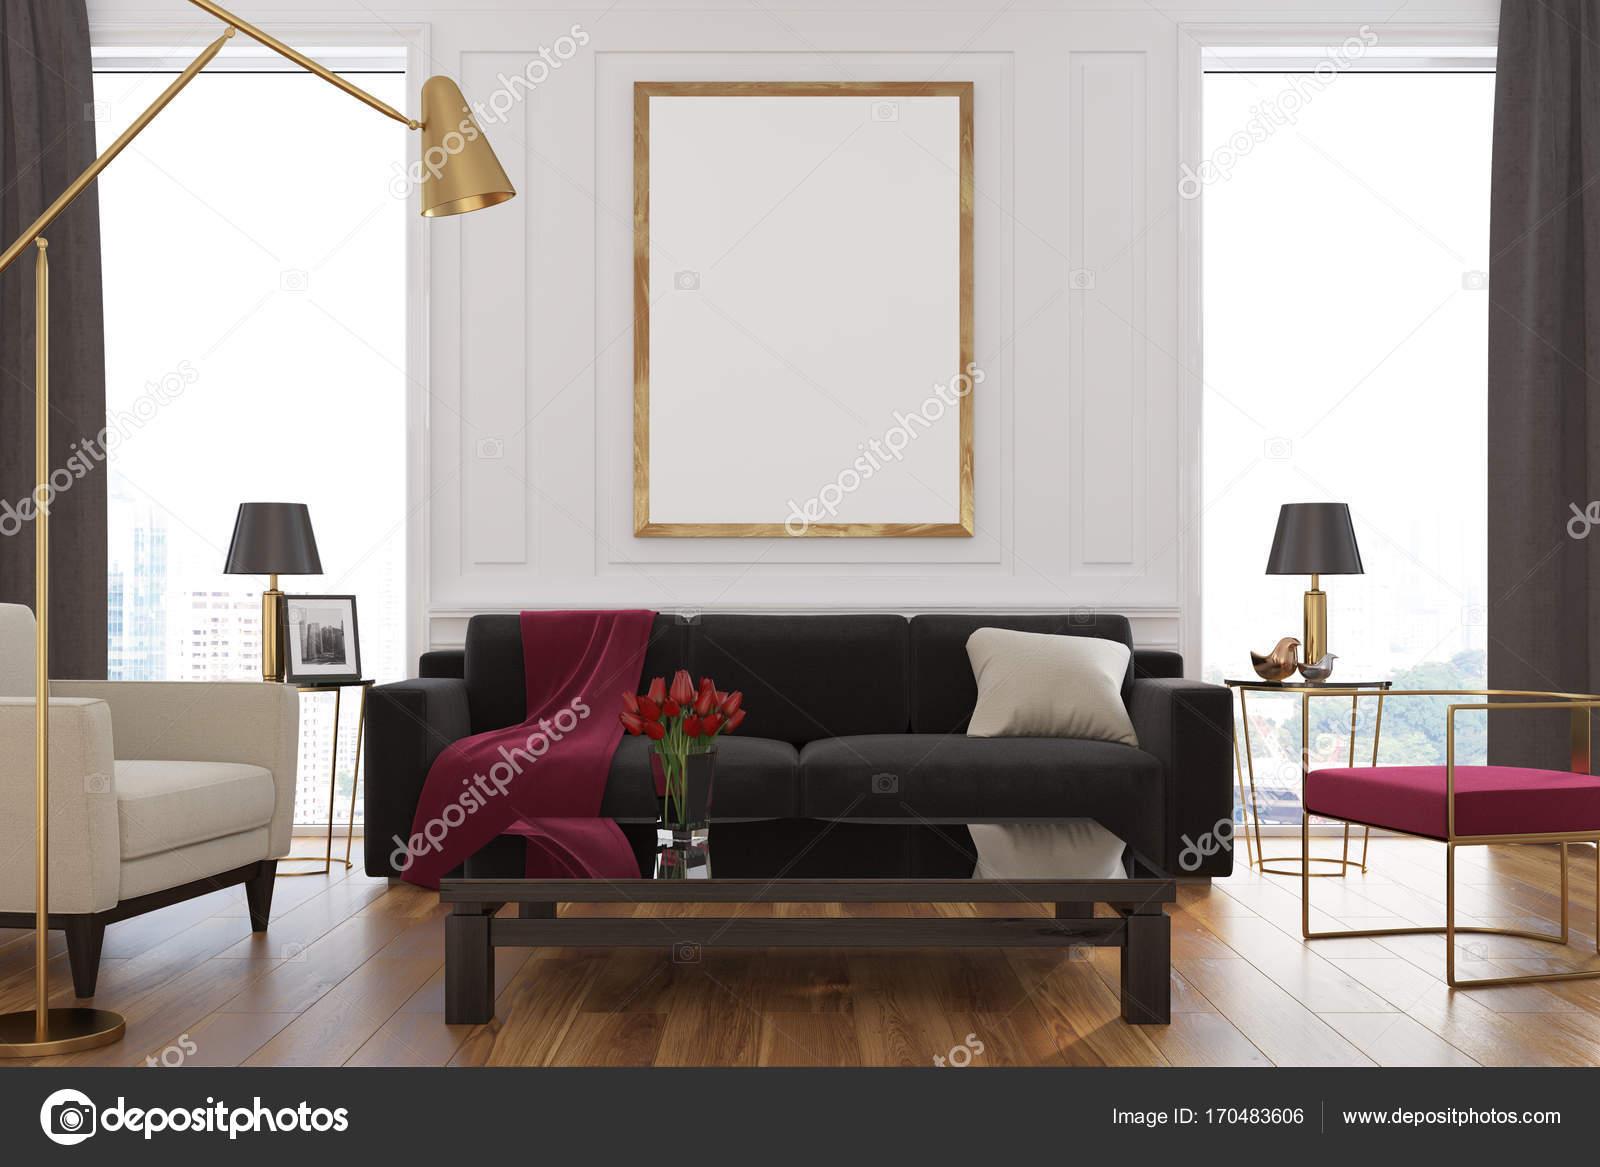 Weiß, Wohnzimmer, Sofa, poster — Stockfoto © denisismagilov #170483606